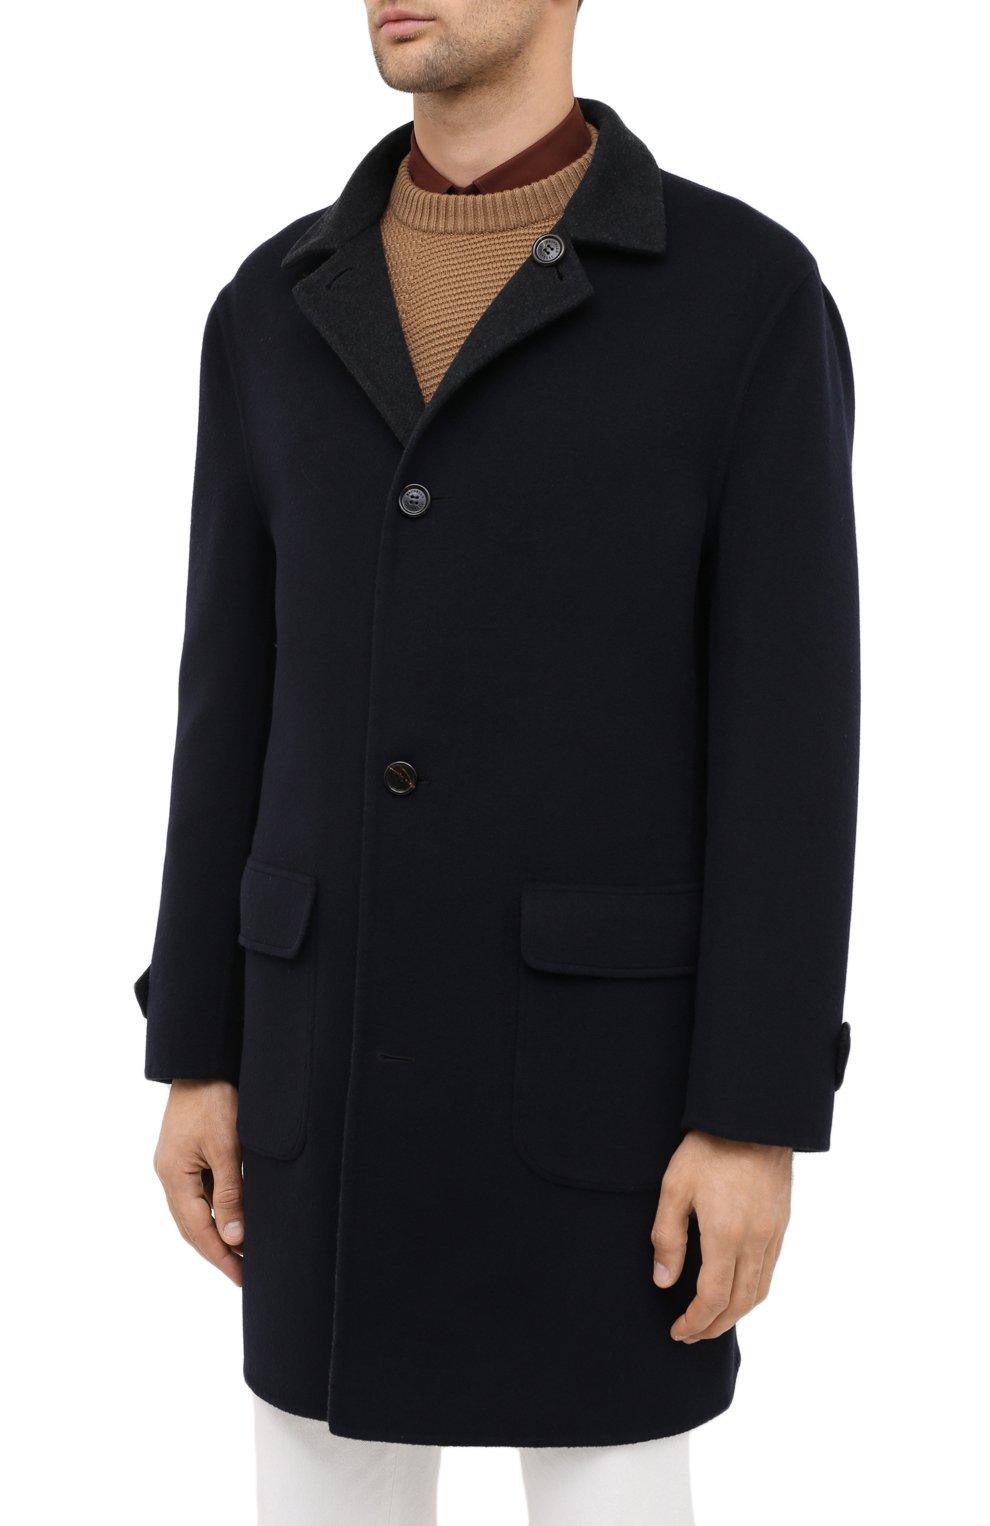 Мужской двустороннее кашемировое пальто BRUNELLO CUCINELLI темно-серого цвета, арт. ML4549947   Фото 7 (Материал внешний: Шерсть, Кашемир; Рукава: Длинные; Длина (верхняя одежда): До середины бедра; Мужское Кросс-КТ: Верхняя одежда, пальто-верхняя одежда; Стили: Кэжуэл; Статус проверки: Проверена категория)